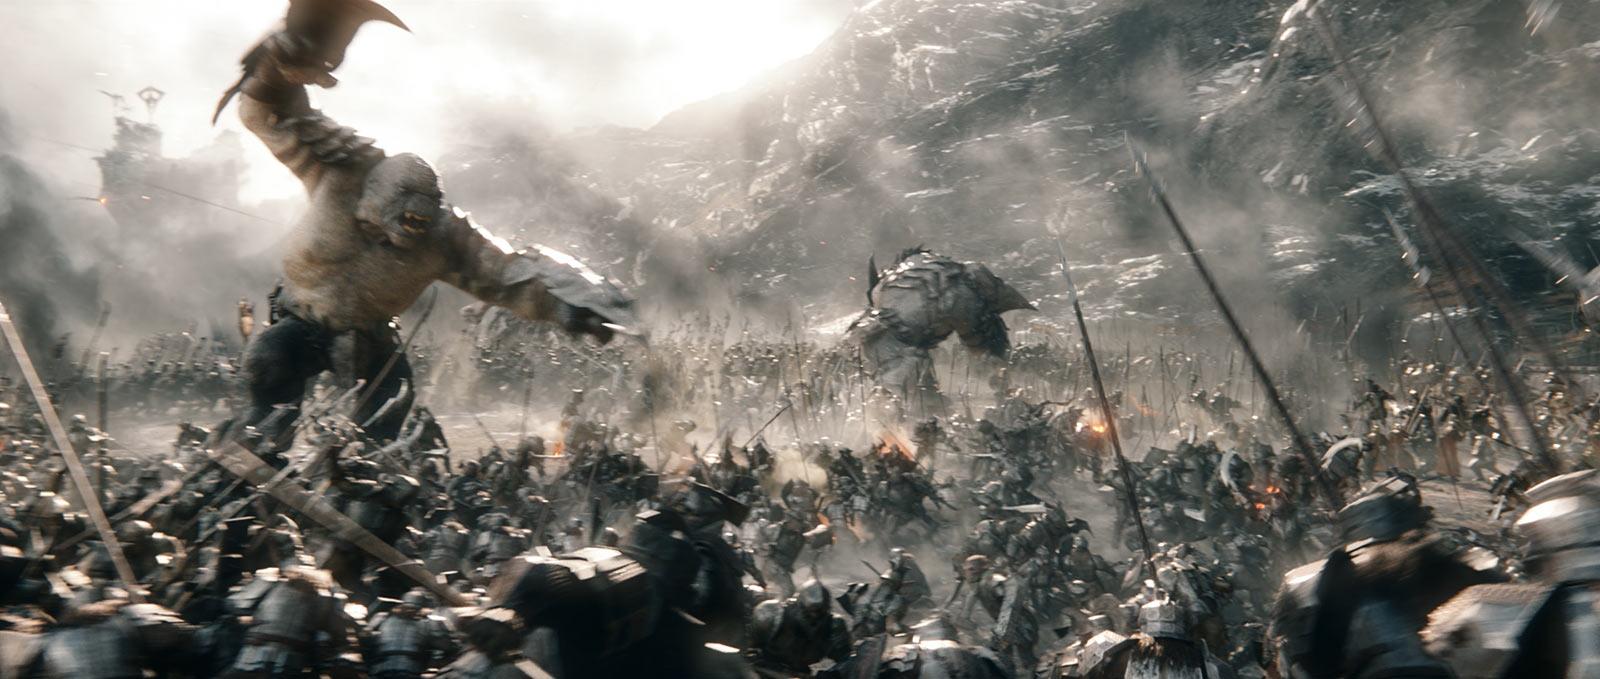 Schlacht Der 5 Heere